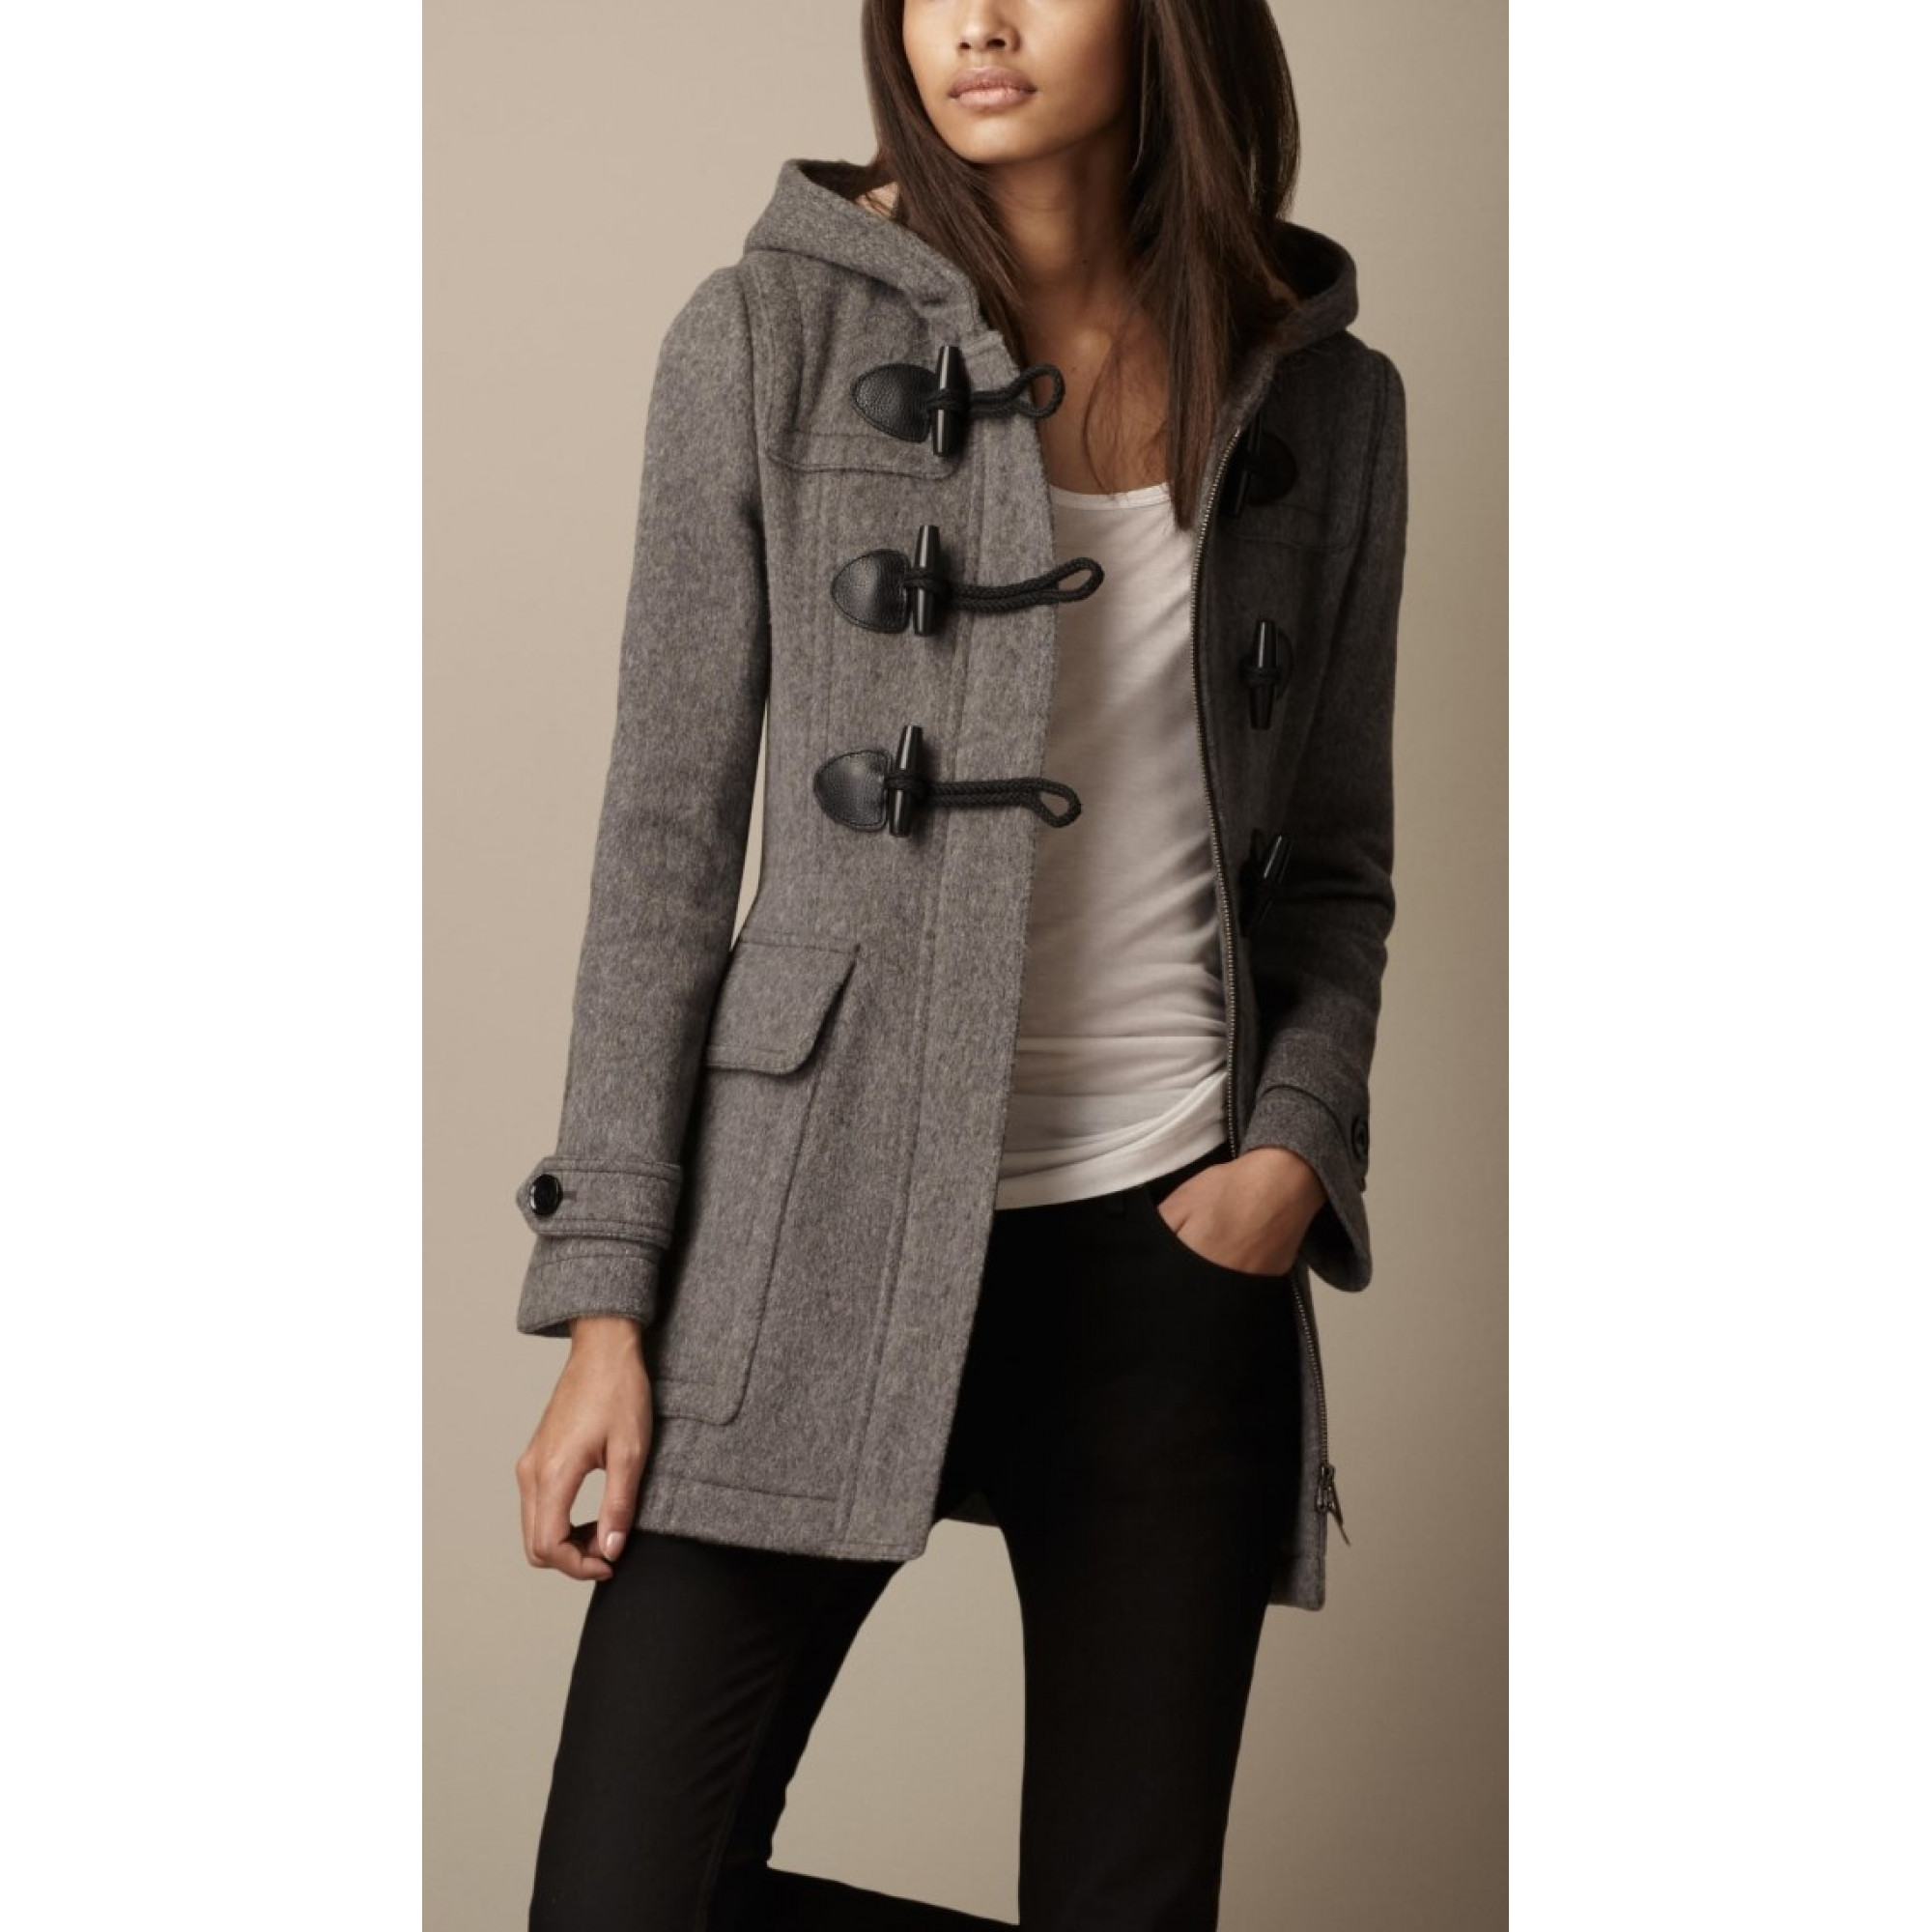 Купить женское пальто Burberry серого цвета — в Киеве, код товара 18059 c1f46c99d5d